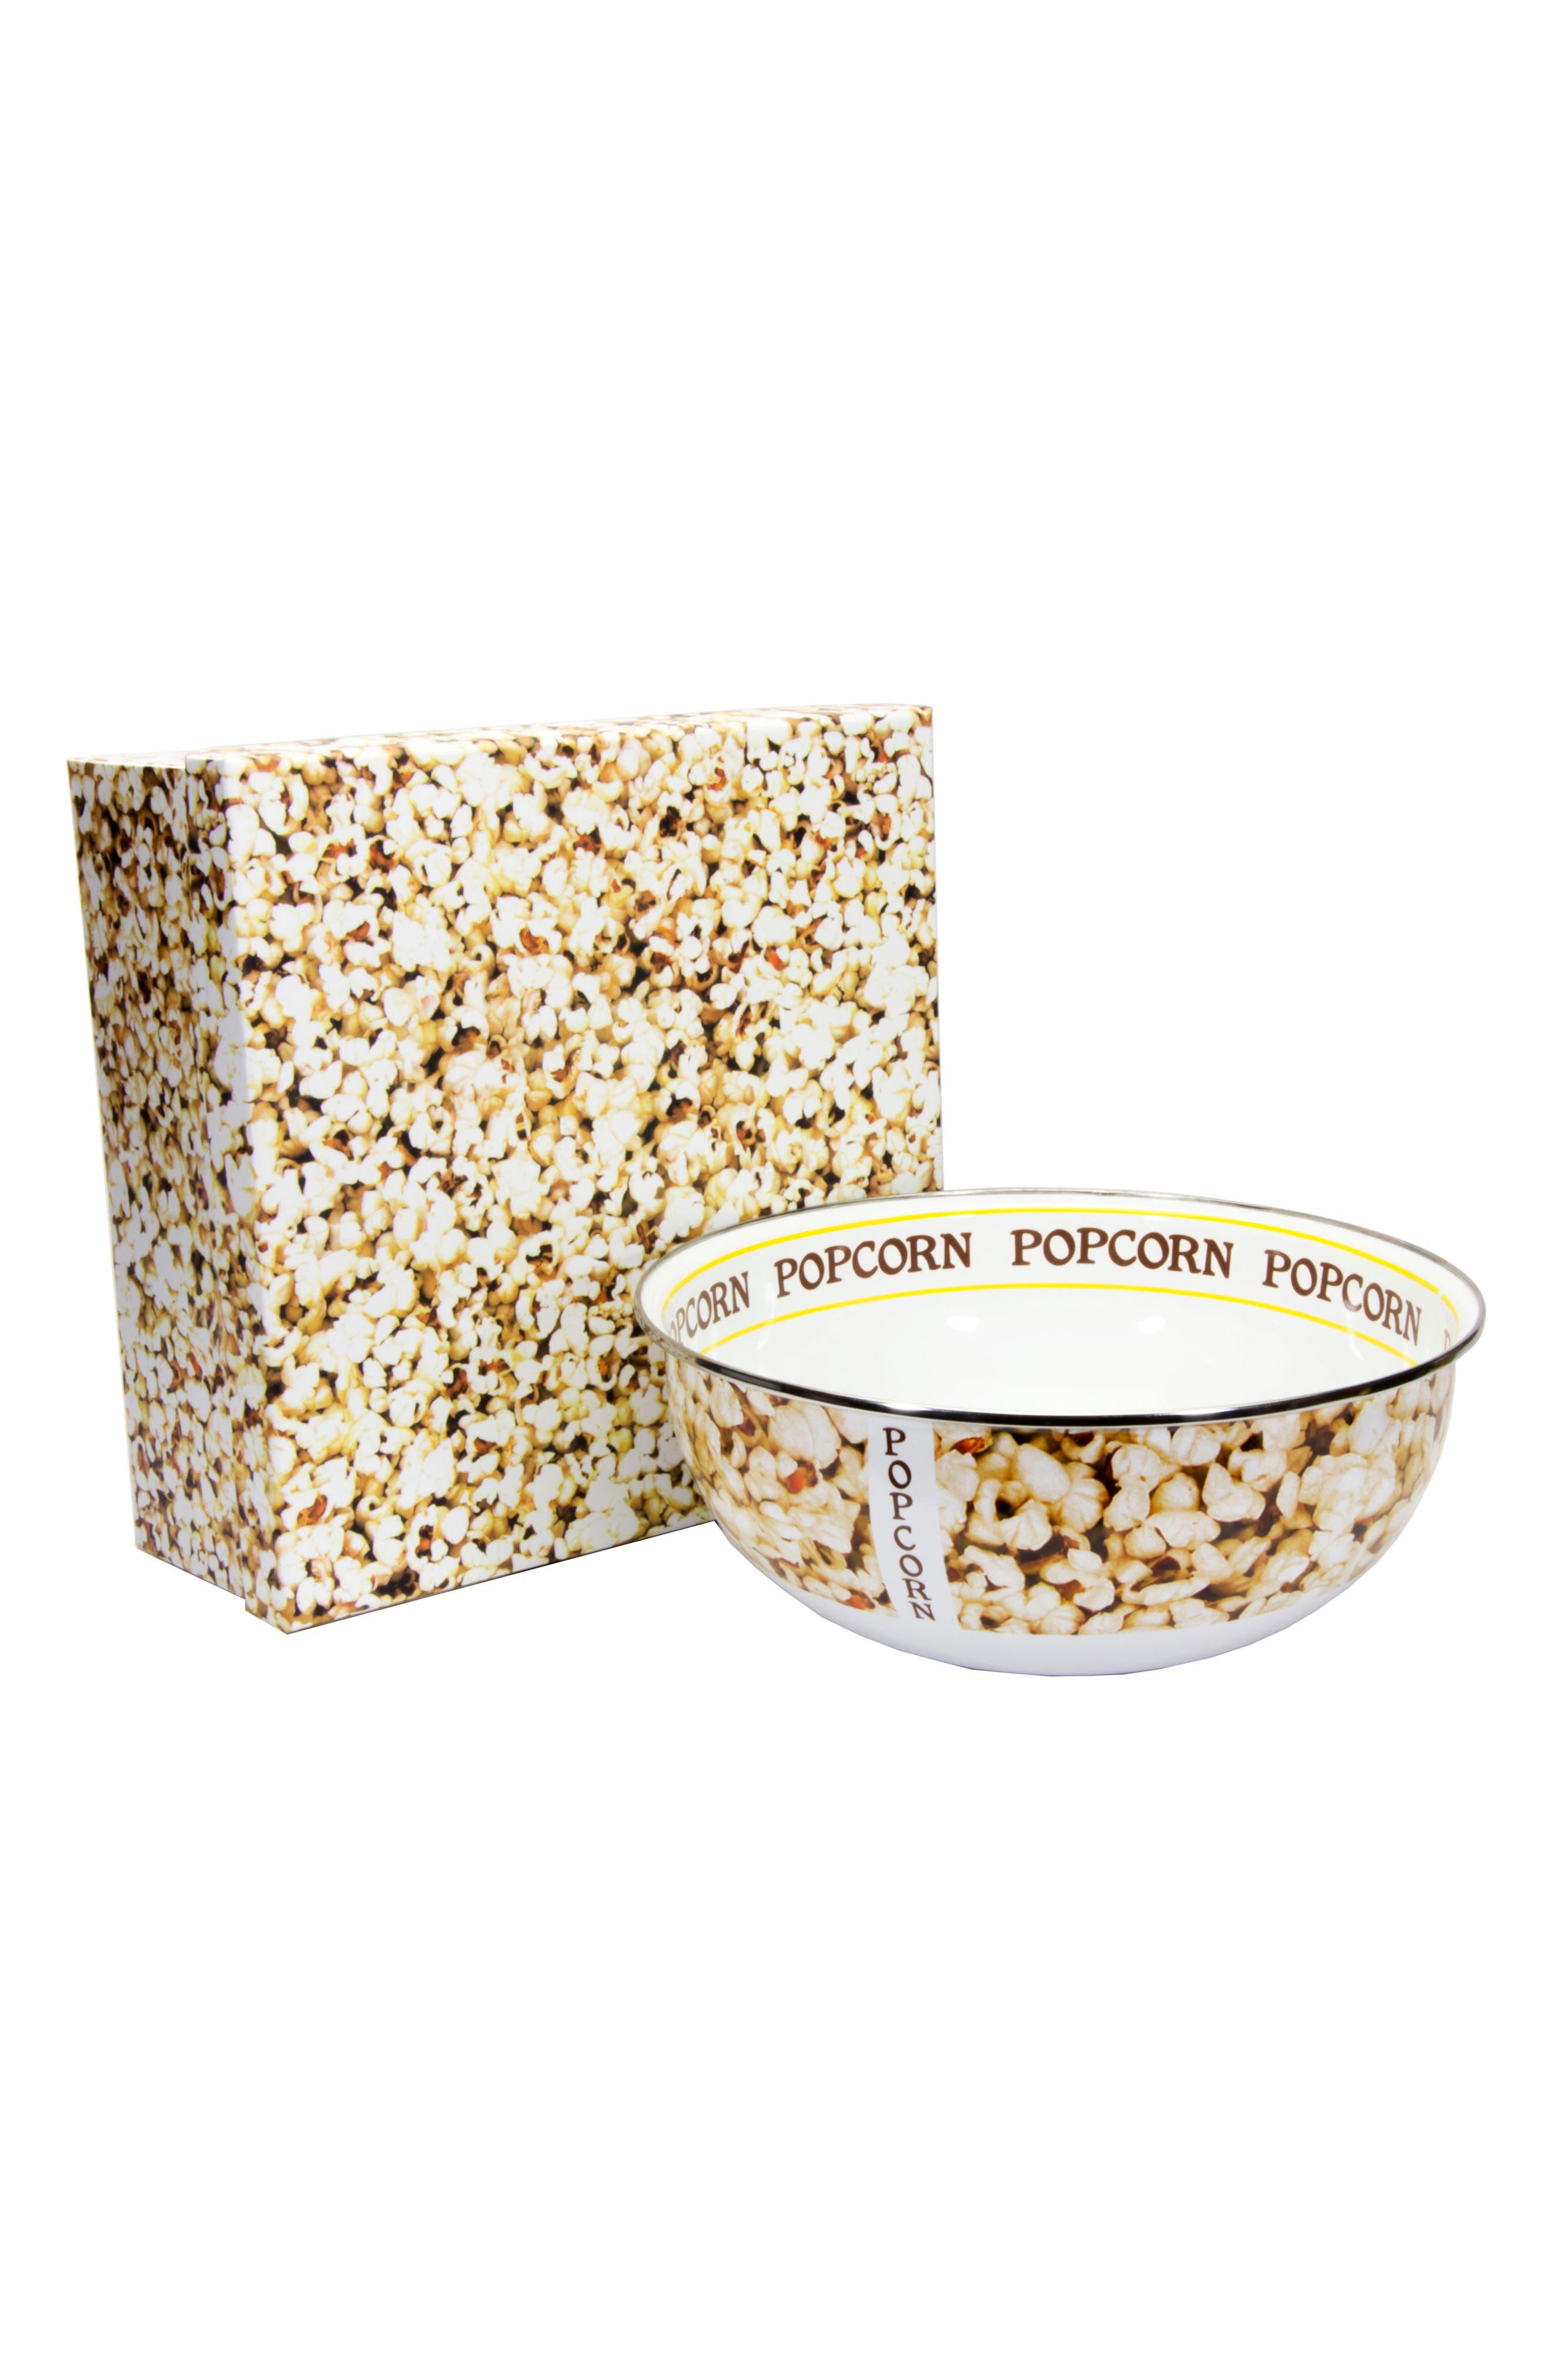 Popcorn Bowl,                             Main thumbnail 1, color,                             250